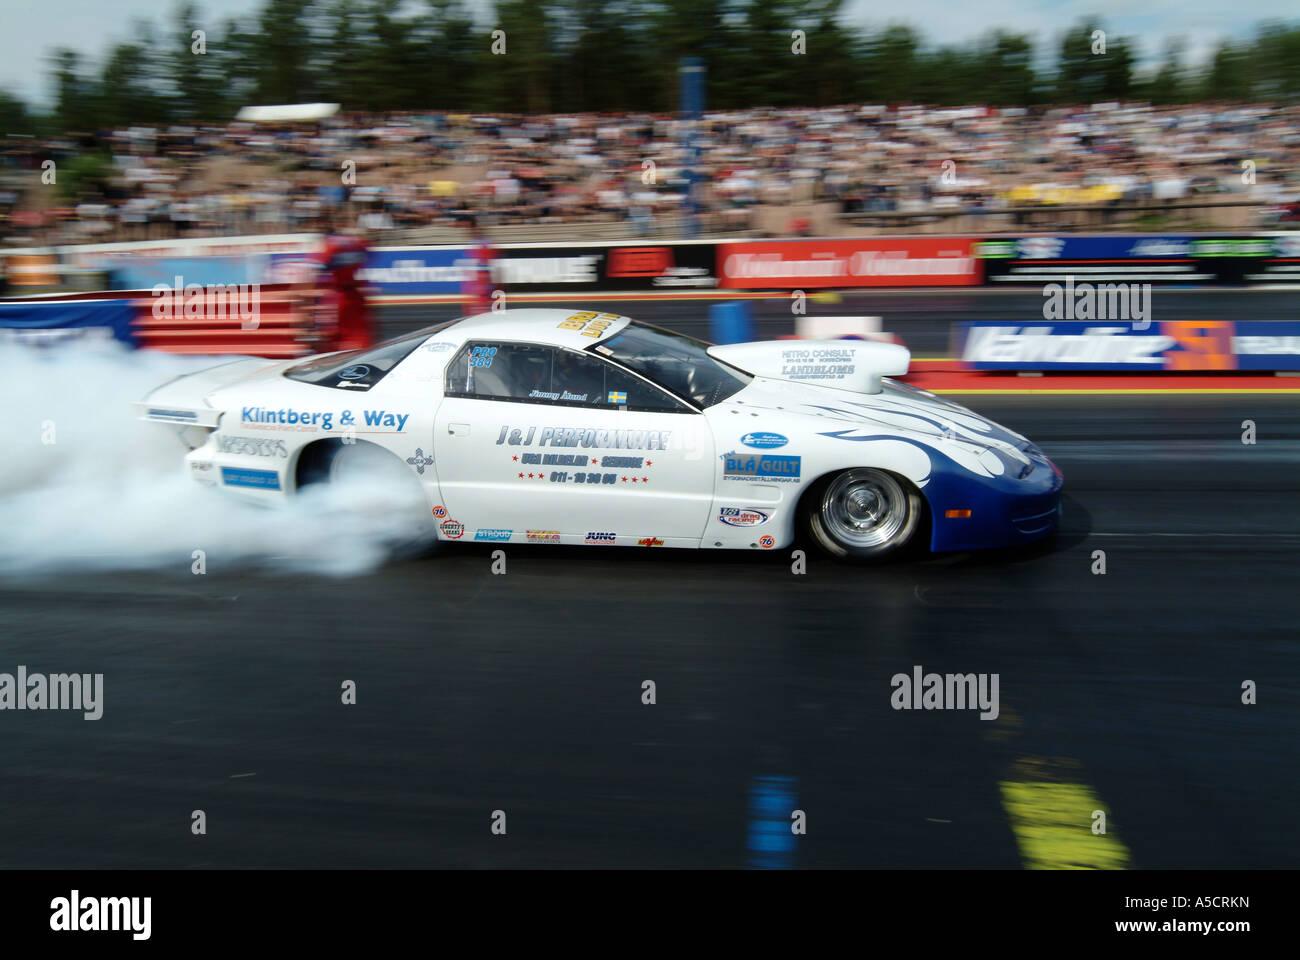 pro stock pontiac firebird drag racing car Stock Photo: 11272472 ...